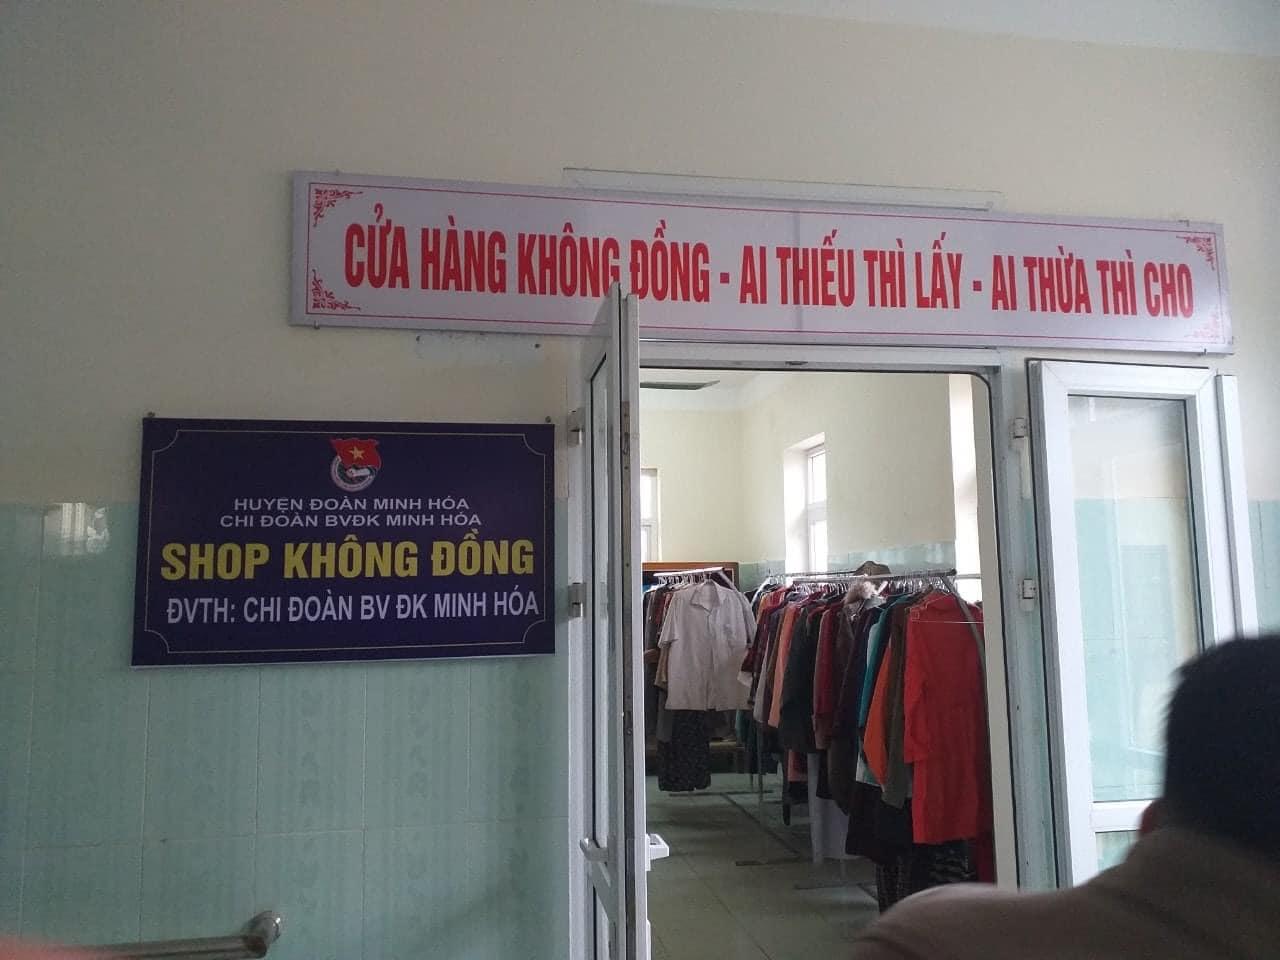 Cửa hàng 0 đồng trong bệnh viện biên giới Quảng Bình - Ảnh 4.